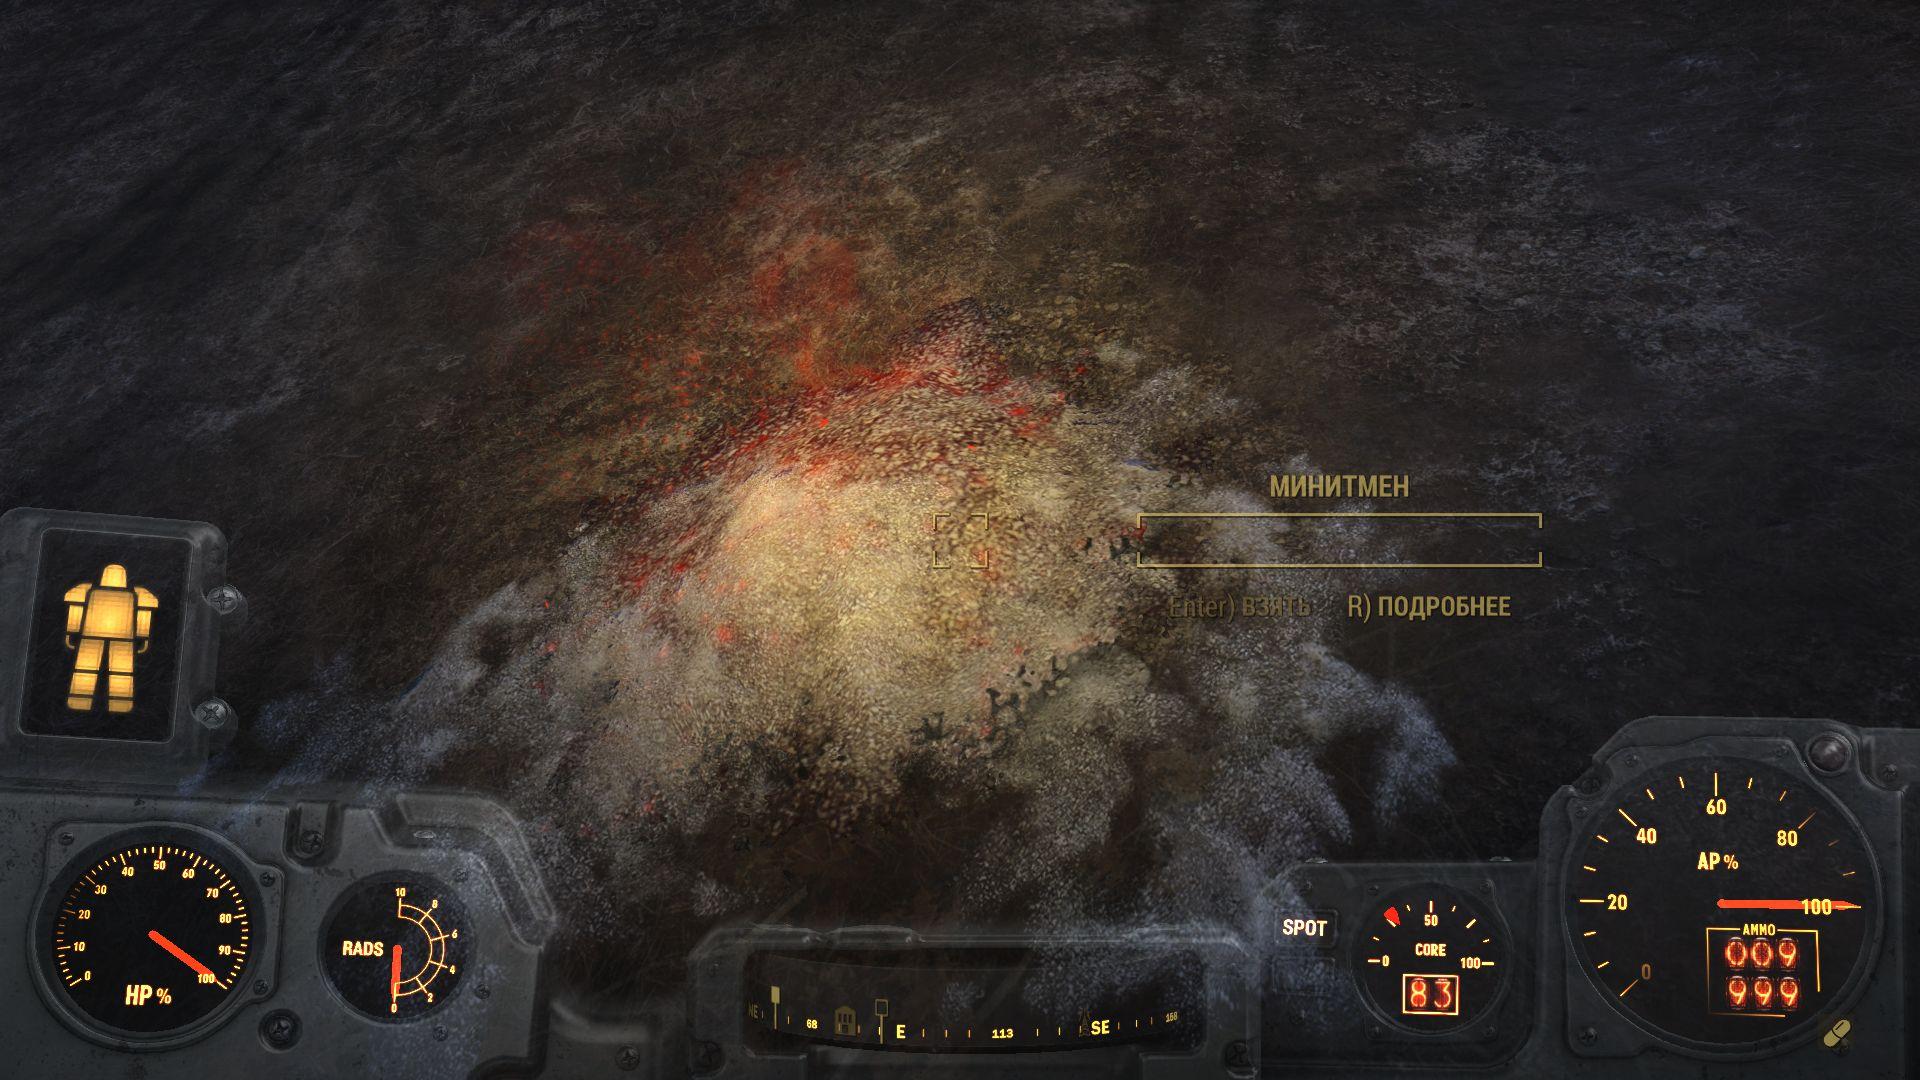 Что осталось от минитмена - Fallout 4 минитмен